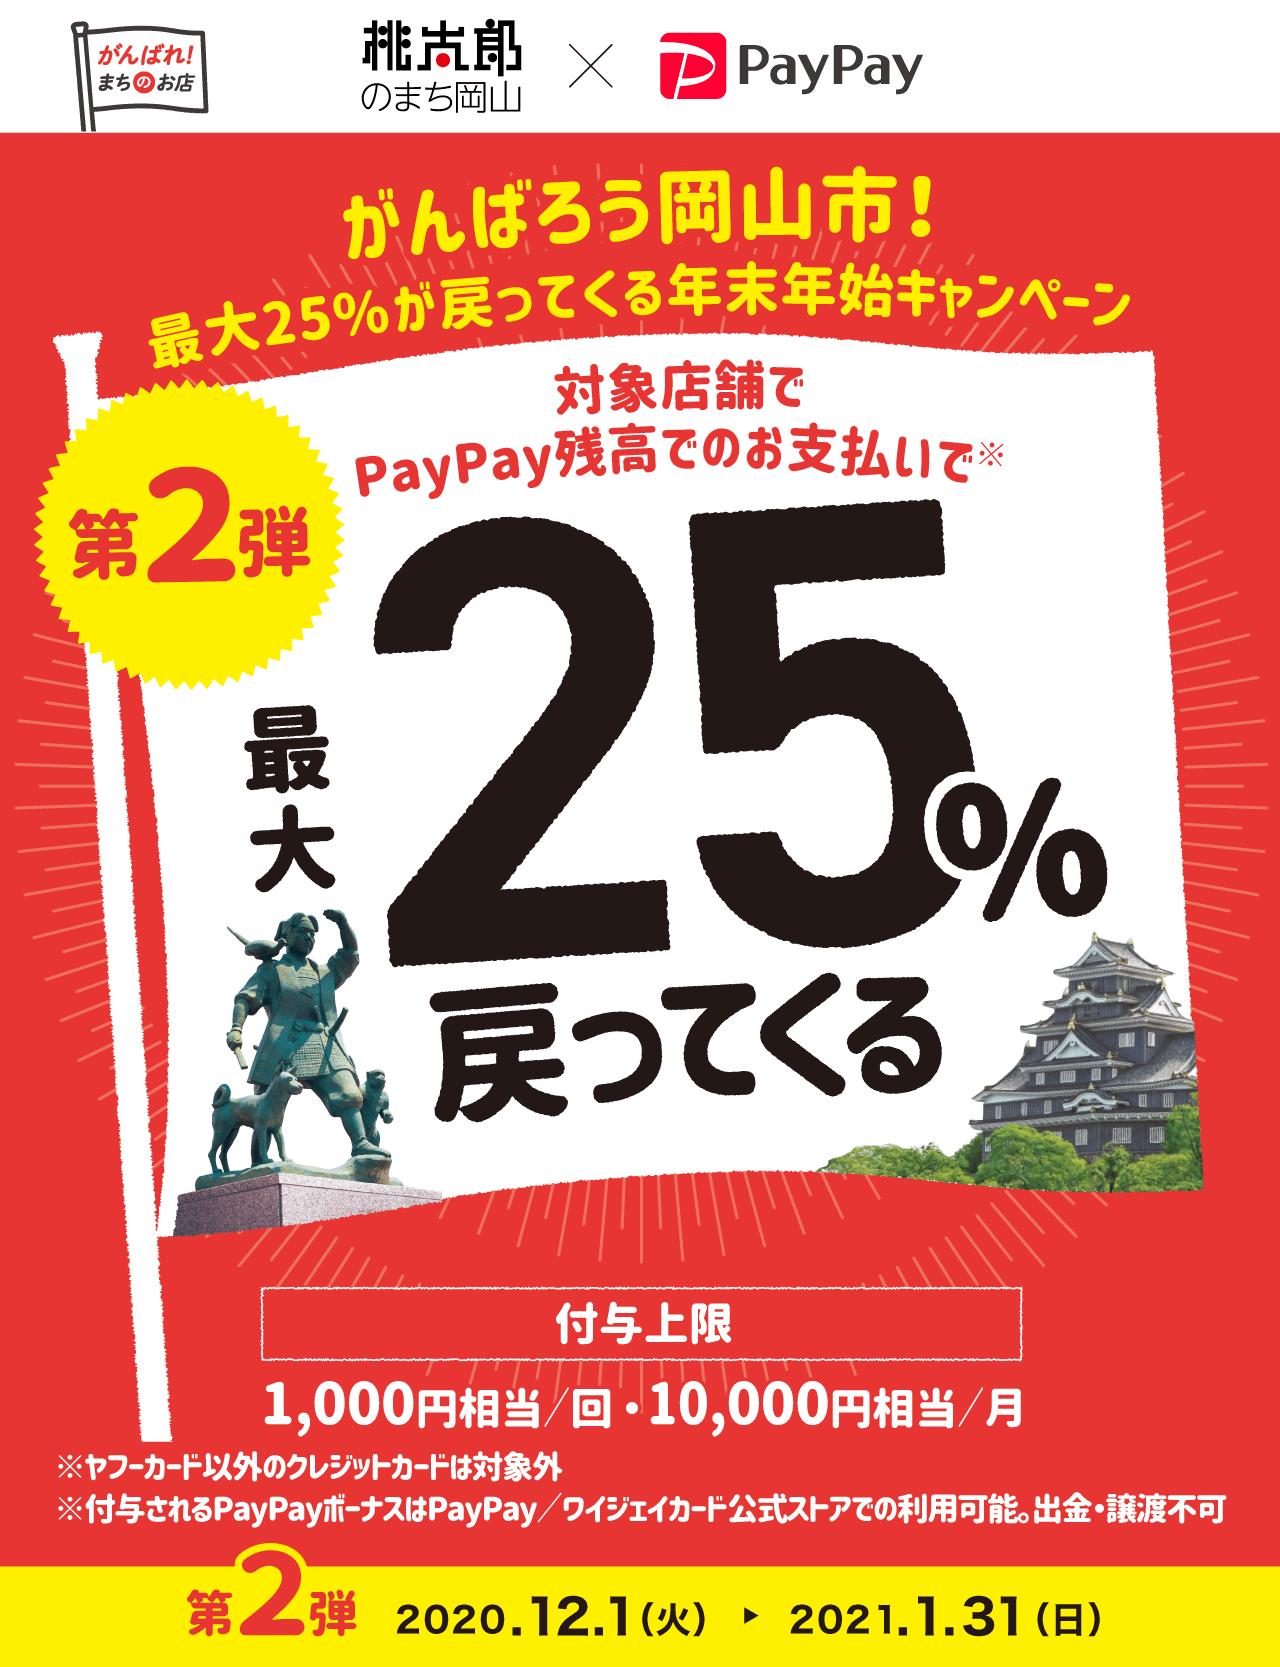 がんばろう岡山市!最大25%が戻ってくる年末年始キャンペーン 第2弾 対象店舗でPayPay残高でのお支払いで 最大25%戻ってくる